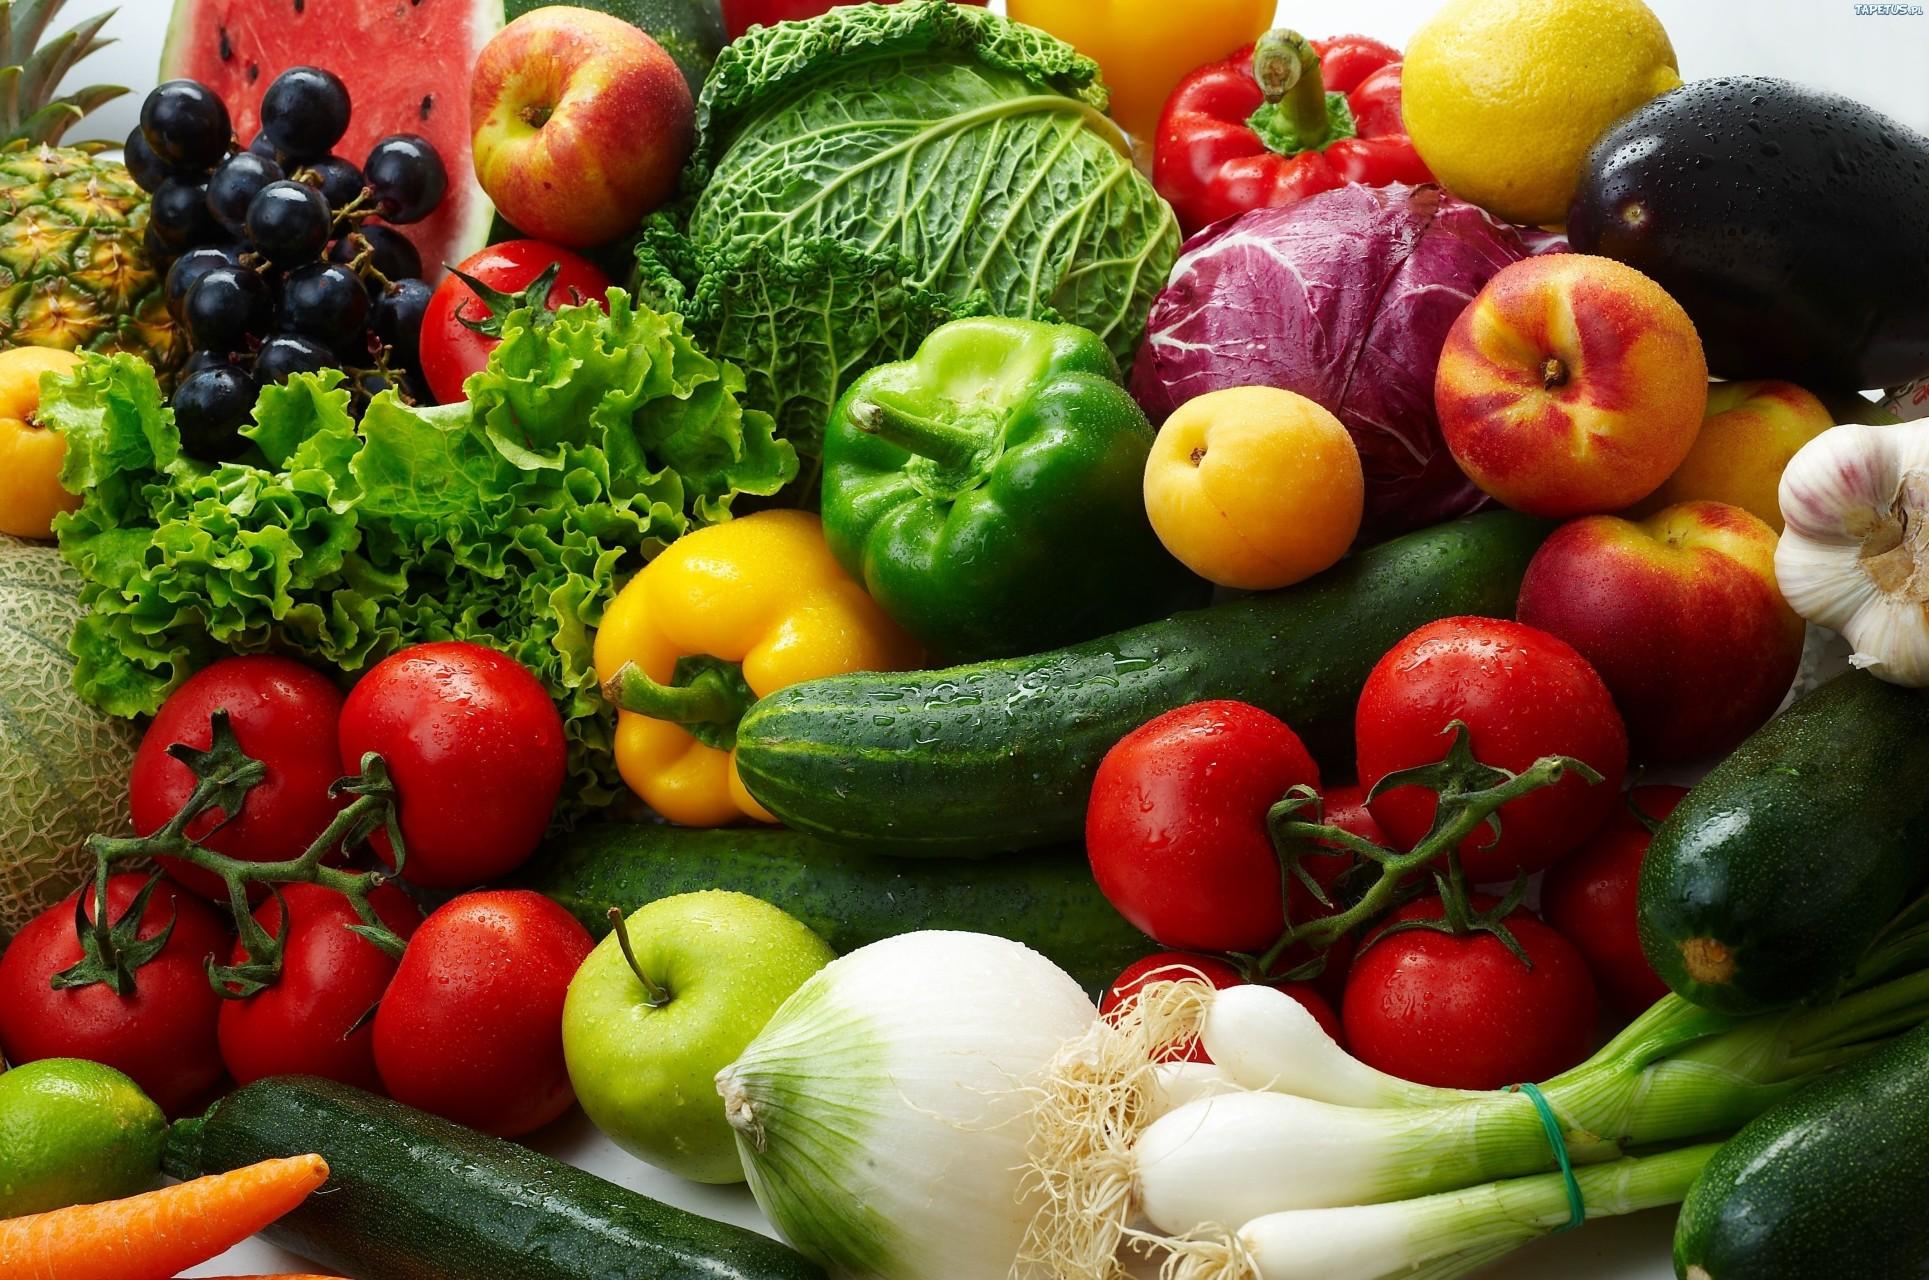 131007_rozne-wieze-warzywa-owoce-e1435629071381